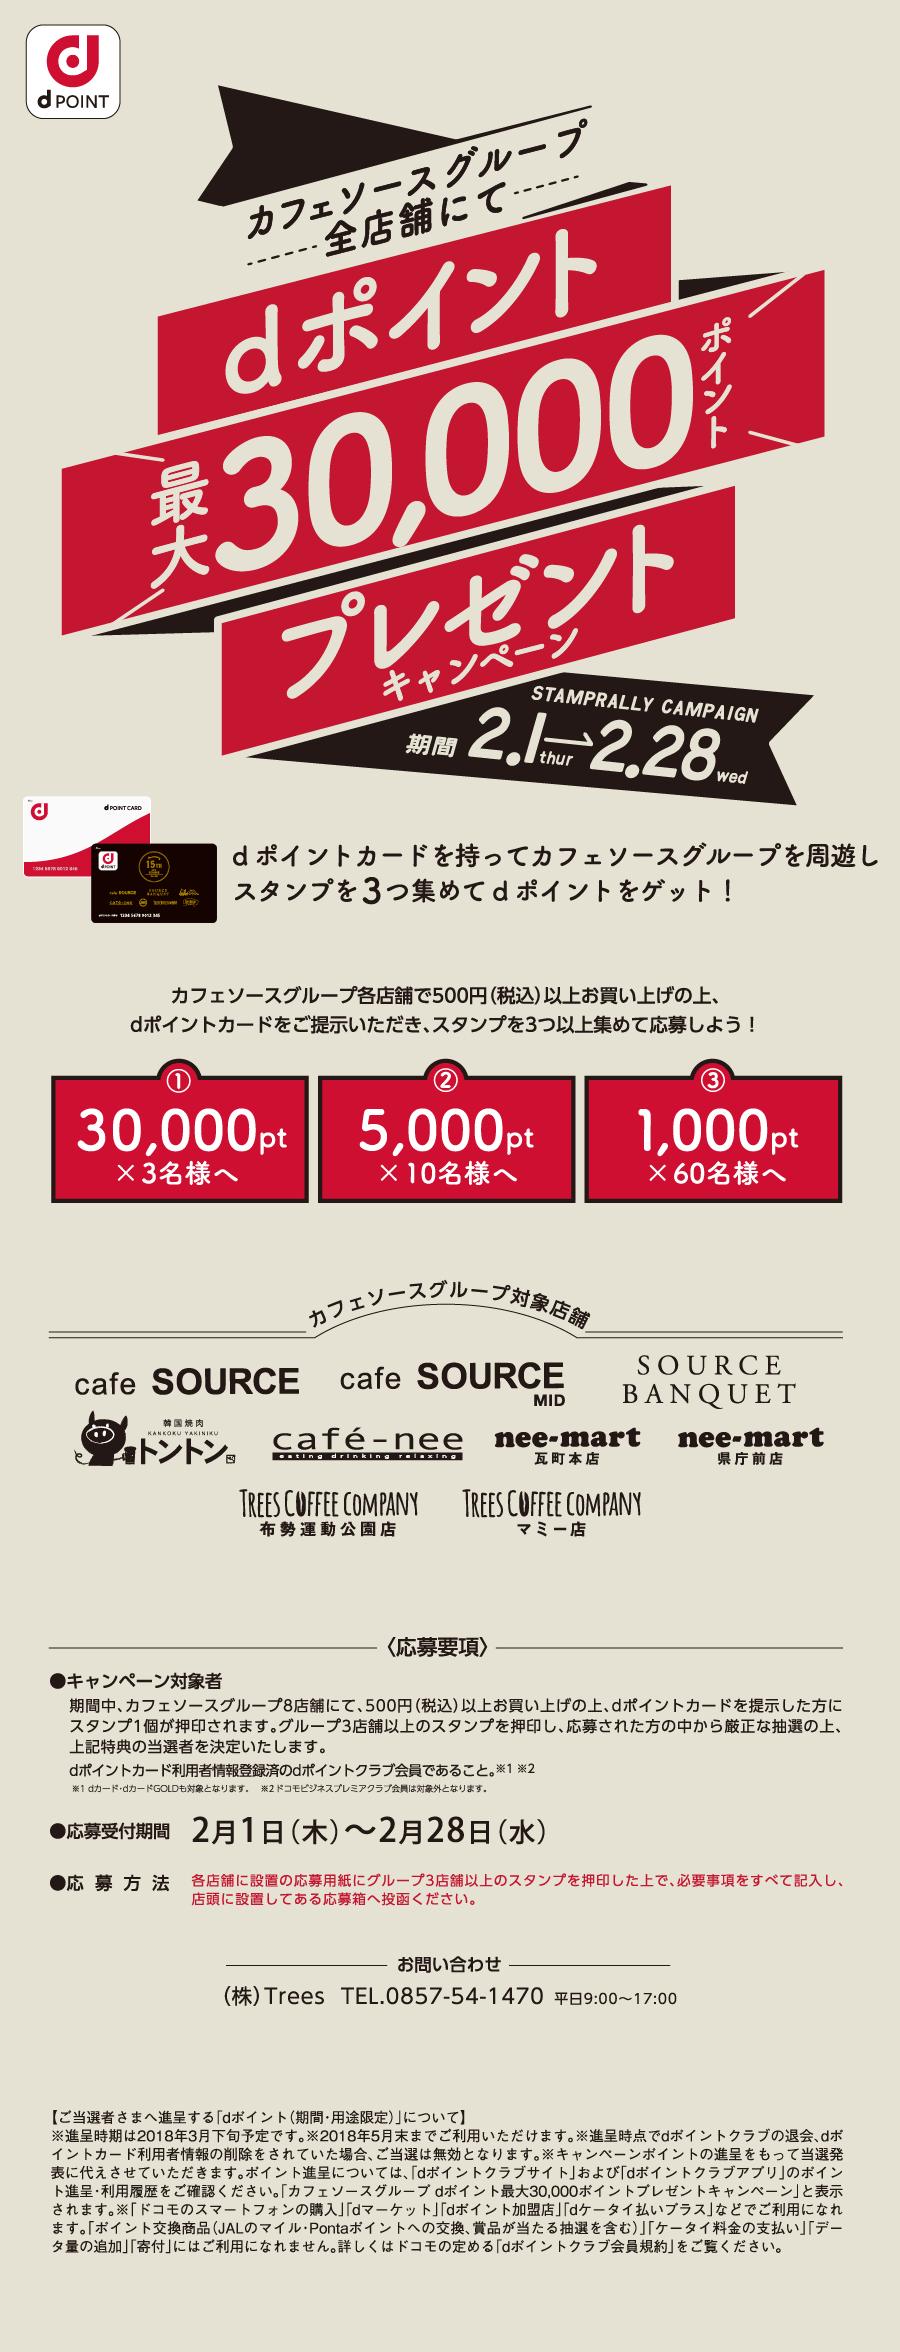 カフェソースグループ全店舗でdポイント最大30000ポイントプレゼントキャンペーン